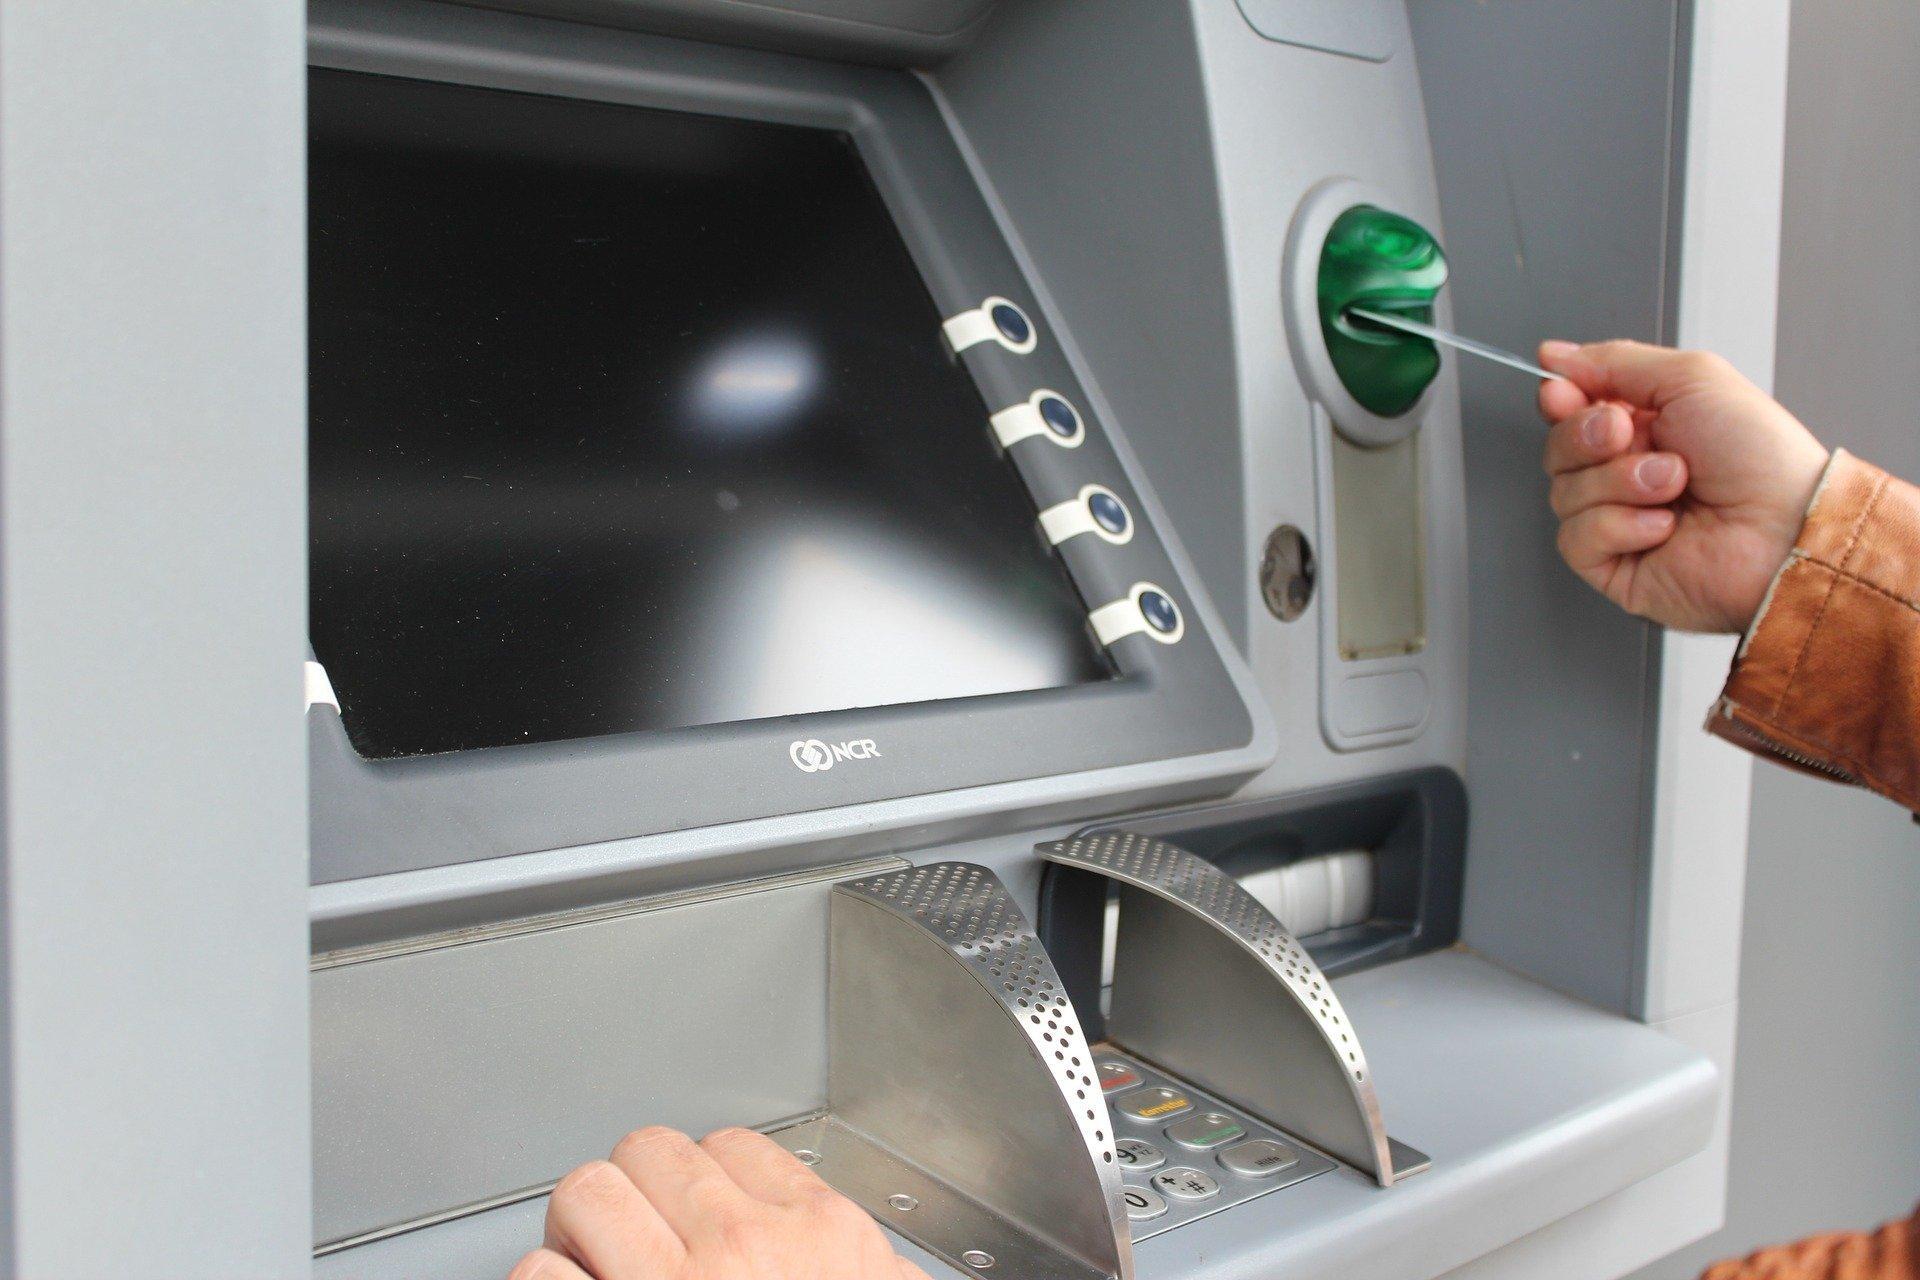 Как нужно оплачивать ЖКХ через Сбербанк Онлайн?